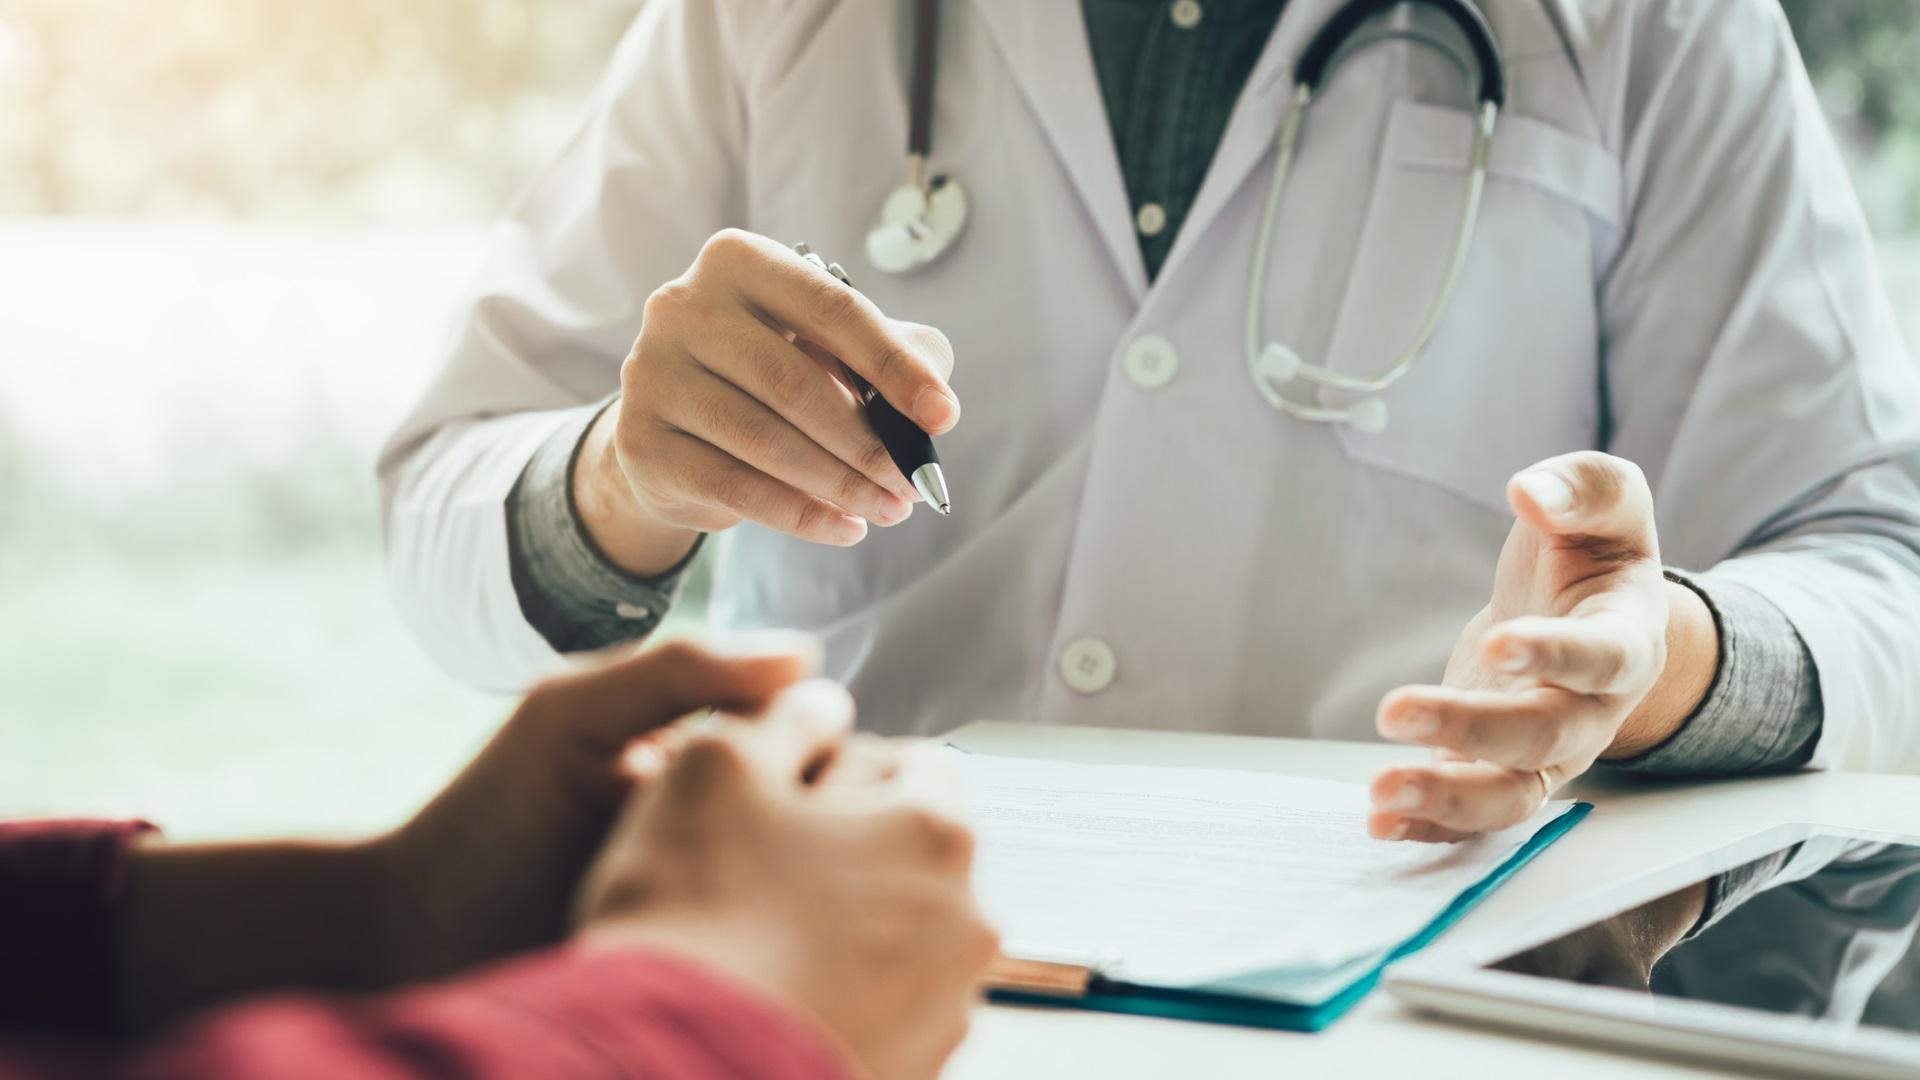 <p><strong>Не пропускайте профилактичните прегледи</strong></p>  <p>Важно е да не пропускате профилактичните прегледи веднъж годишно при личния лекар. С възрастта това става все по-важно. Не е просто досадно задължение, а преглед, който може да ви спести много по-големи проблеми.</p>